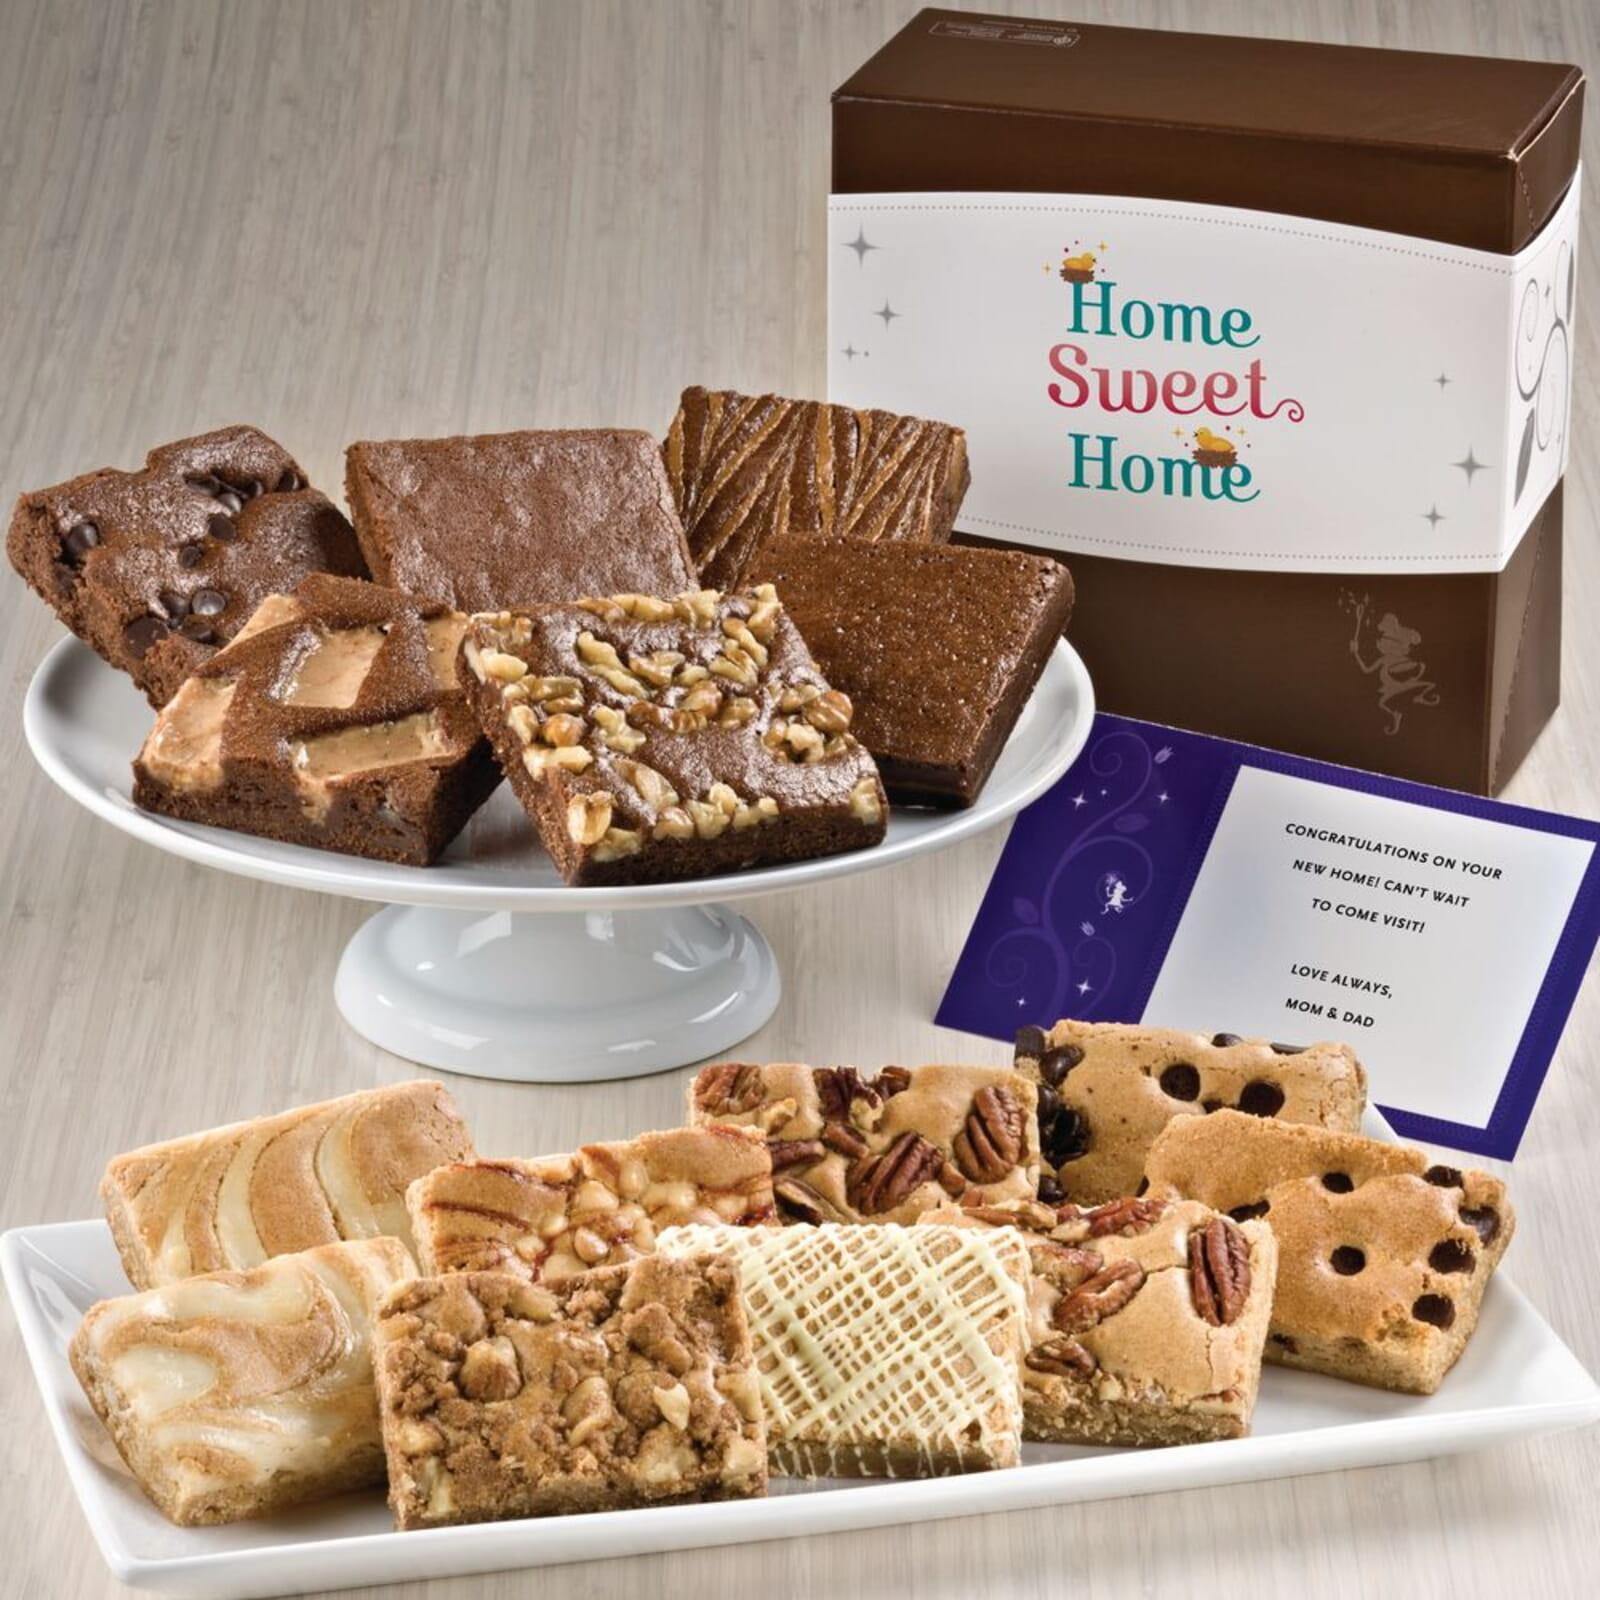 Home Sweet Home Bar & Brownie Combo